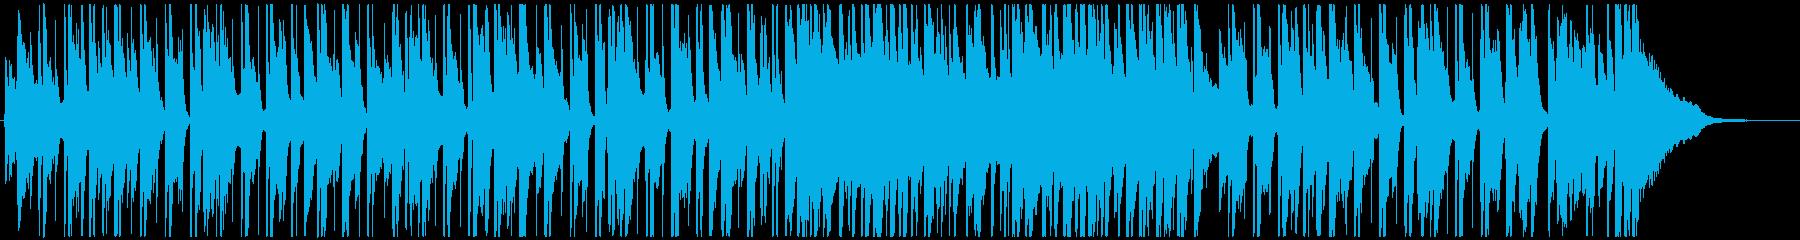 セクシーな大人のお洒落ジャズ(短め)の再生済みの波形